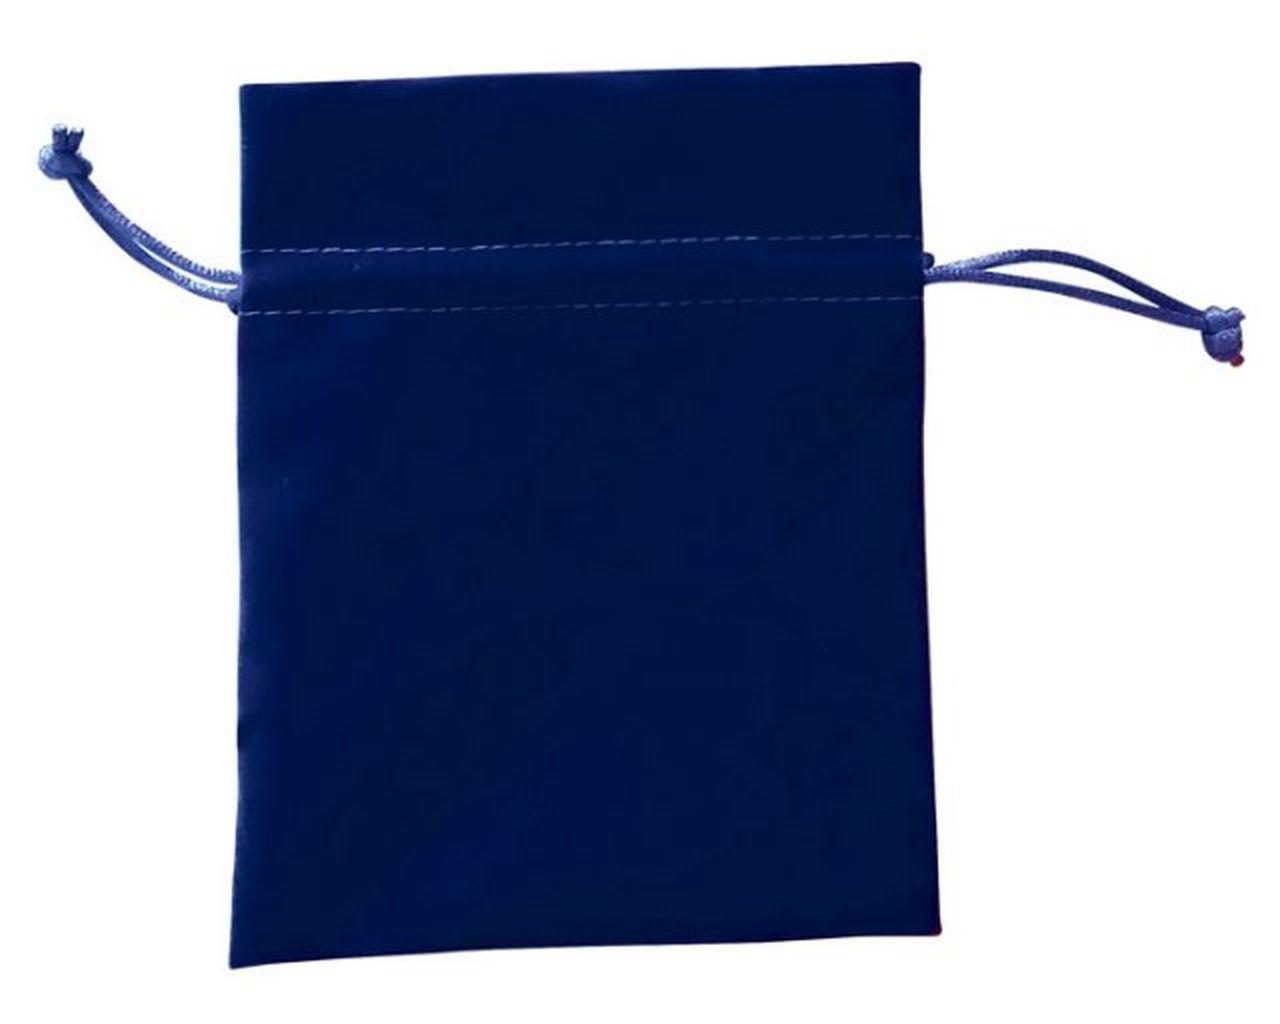 Busta velluto blu cm.14,5x11,5x0,2h